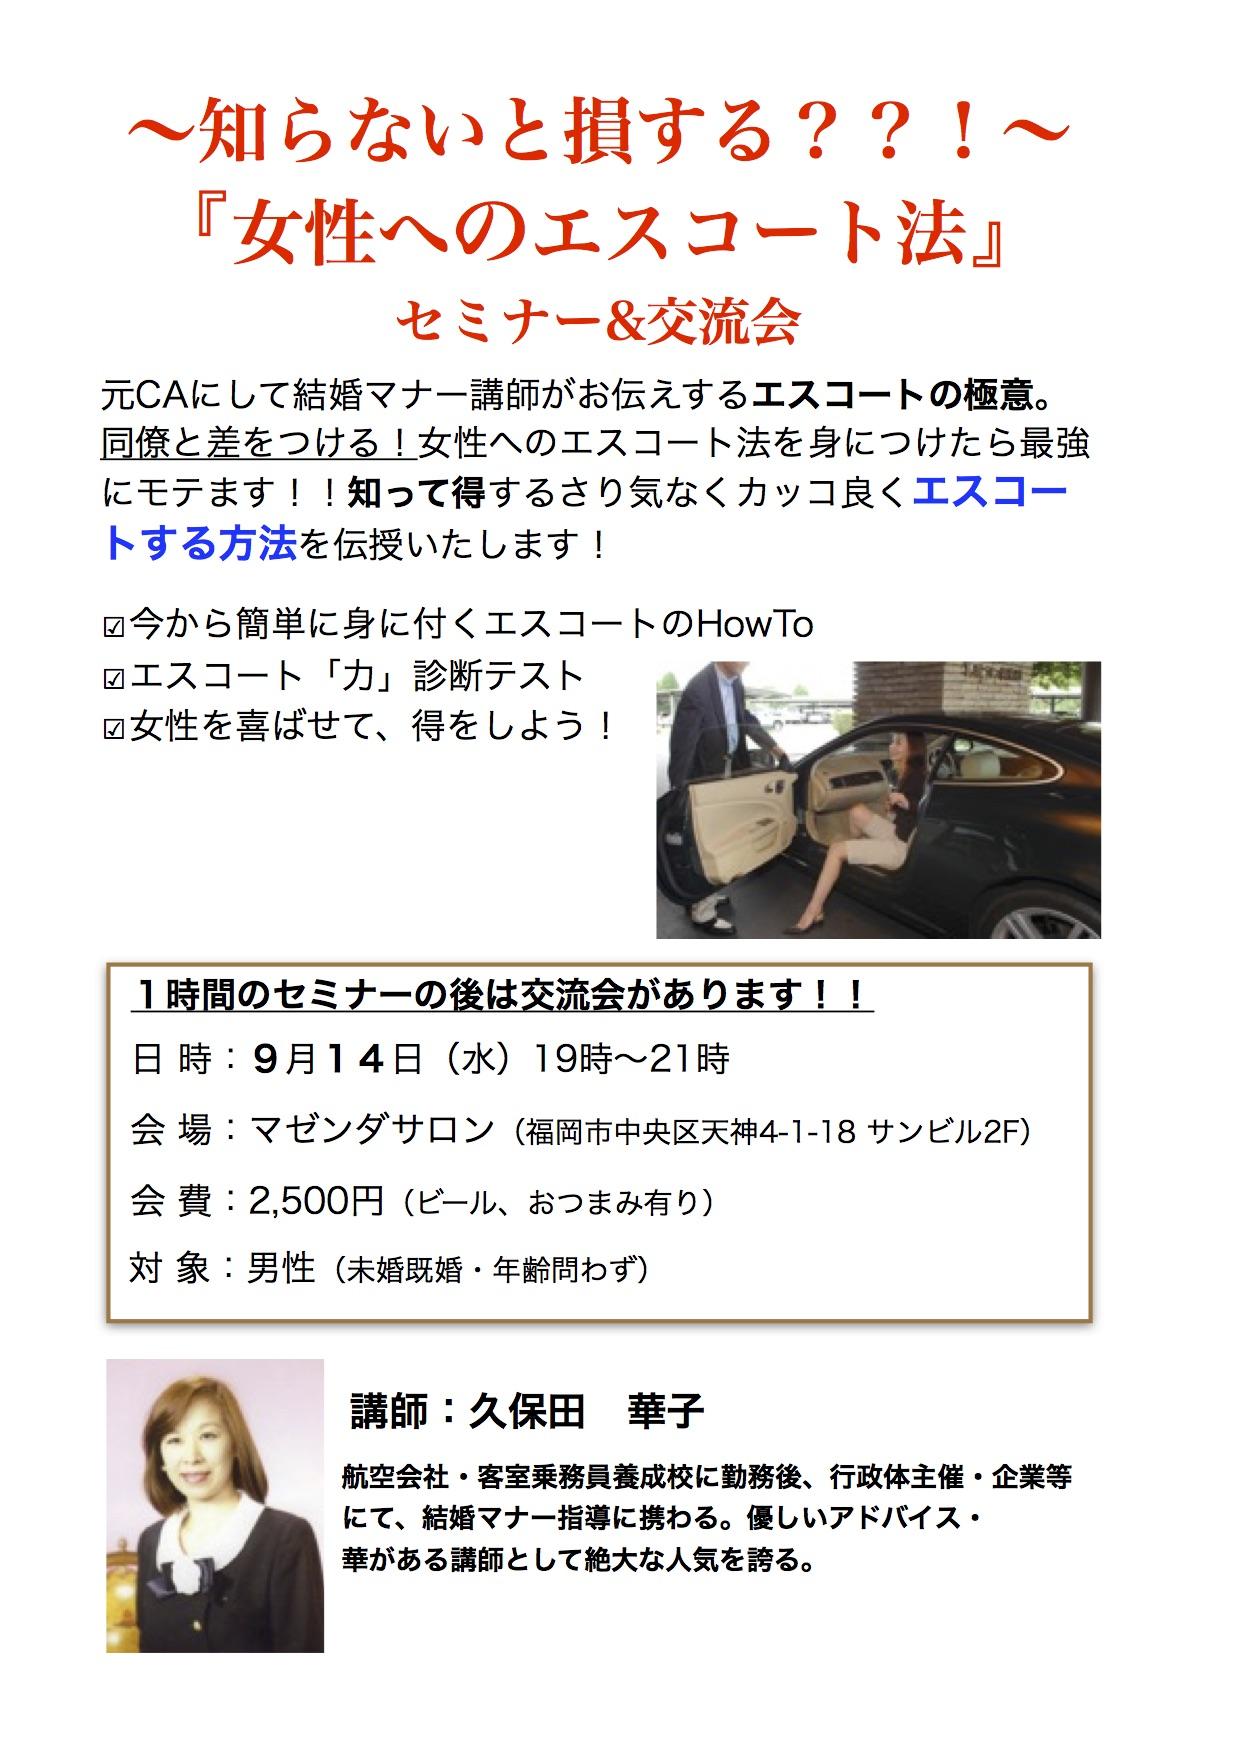 2016.9.14男のエスコートセミナー交流会